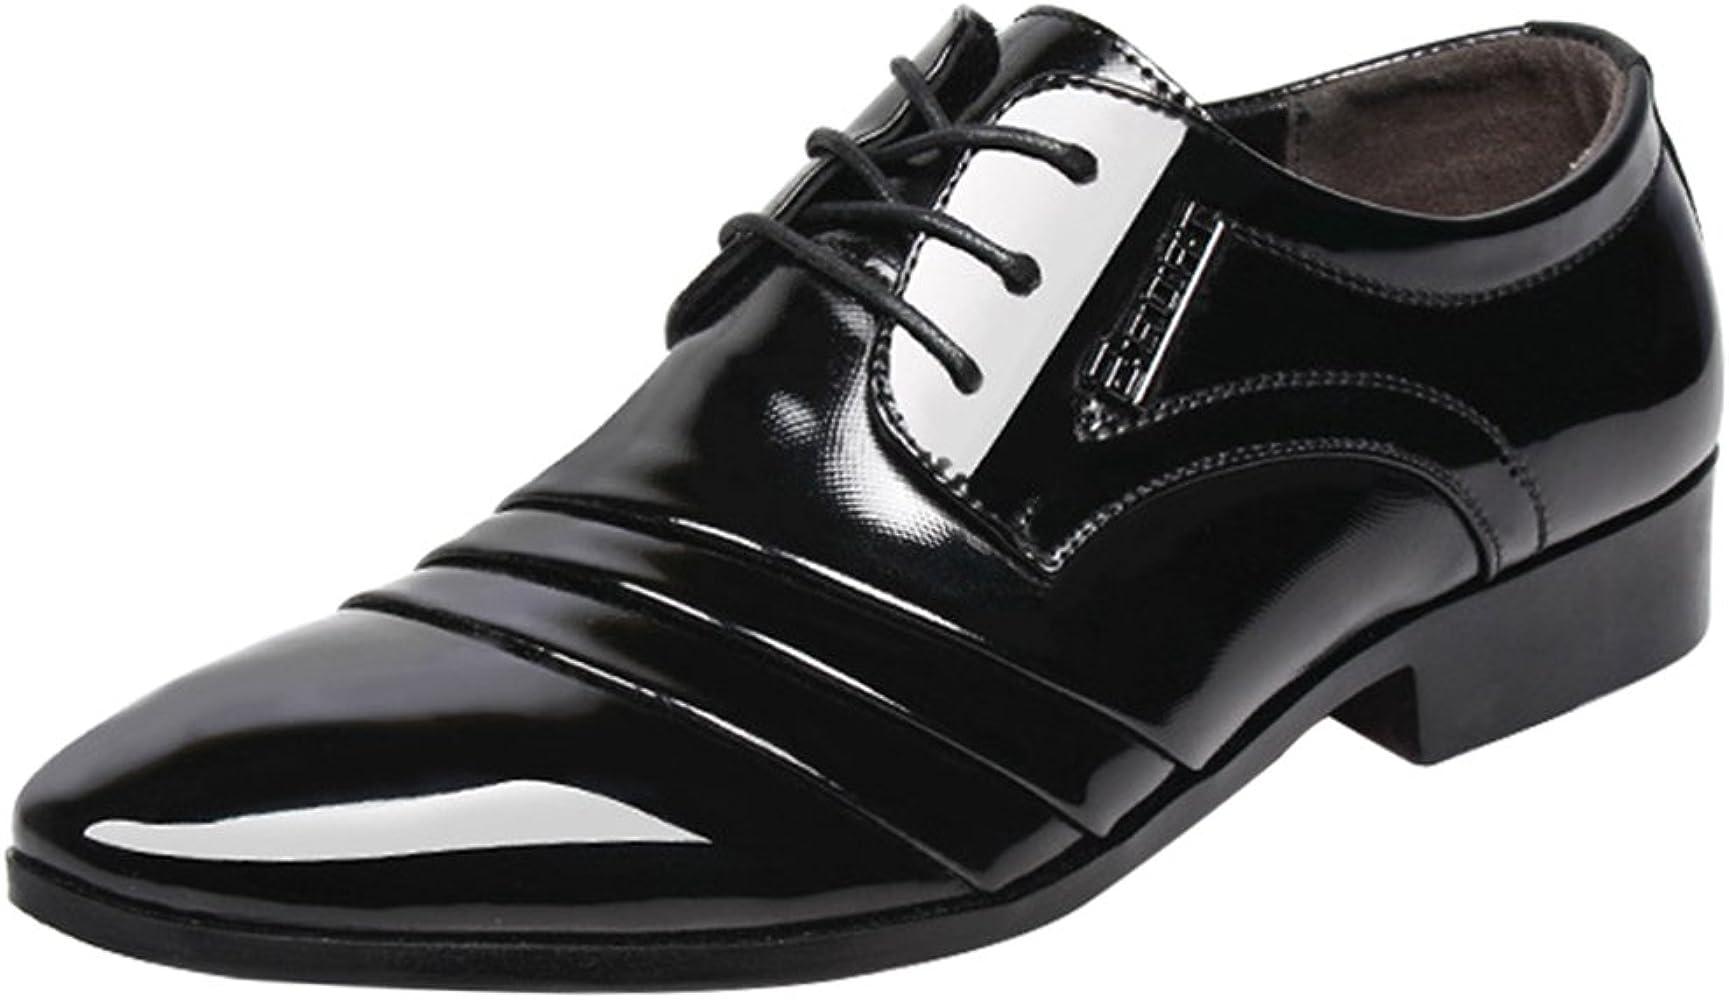 Classique Mariage Homme Homme Pour Classique Mariage Chaussures Chaussures Homme Pour Classique Chaussures USMqzVGp